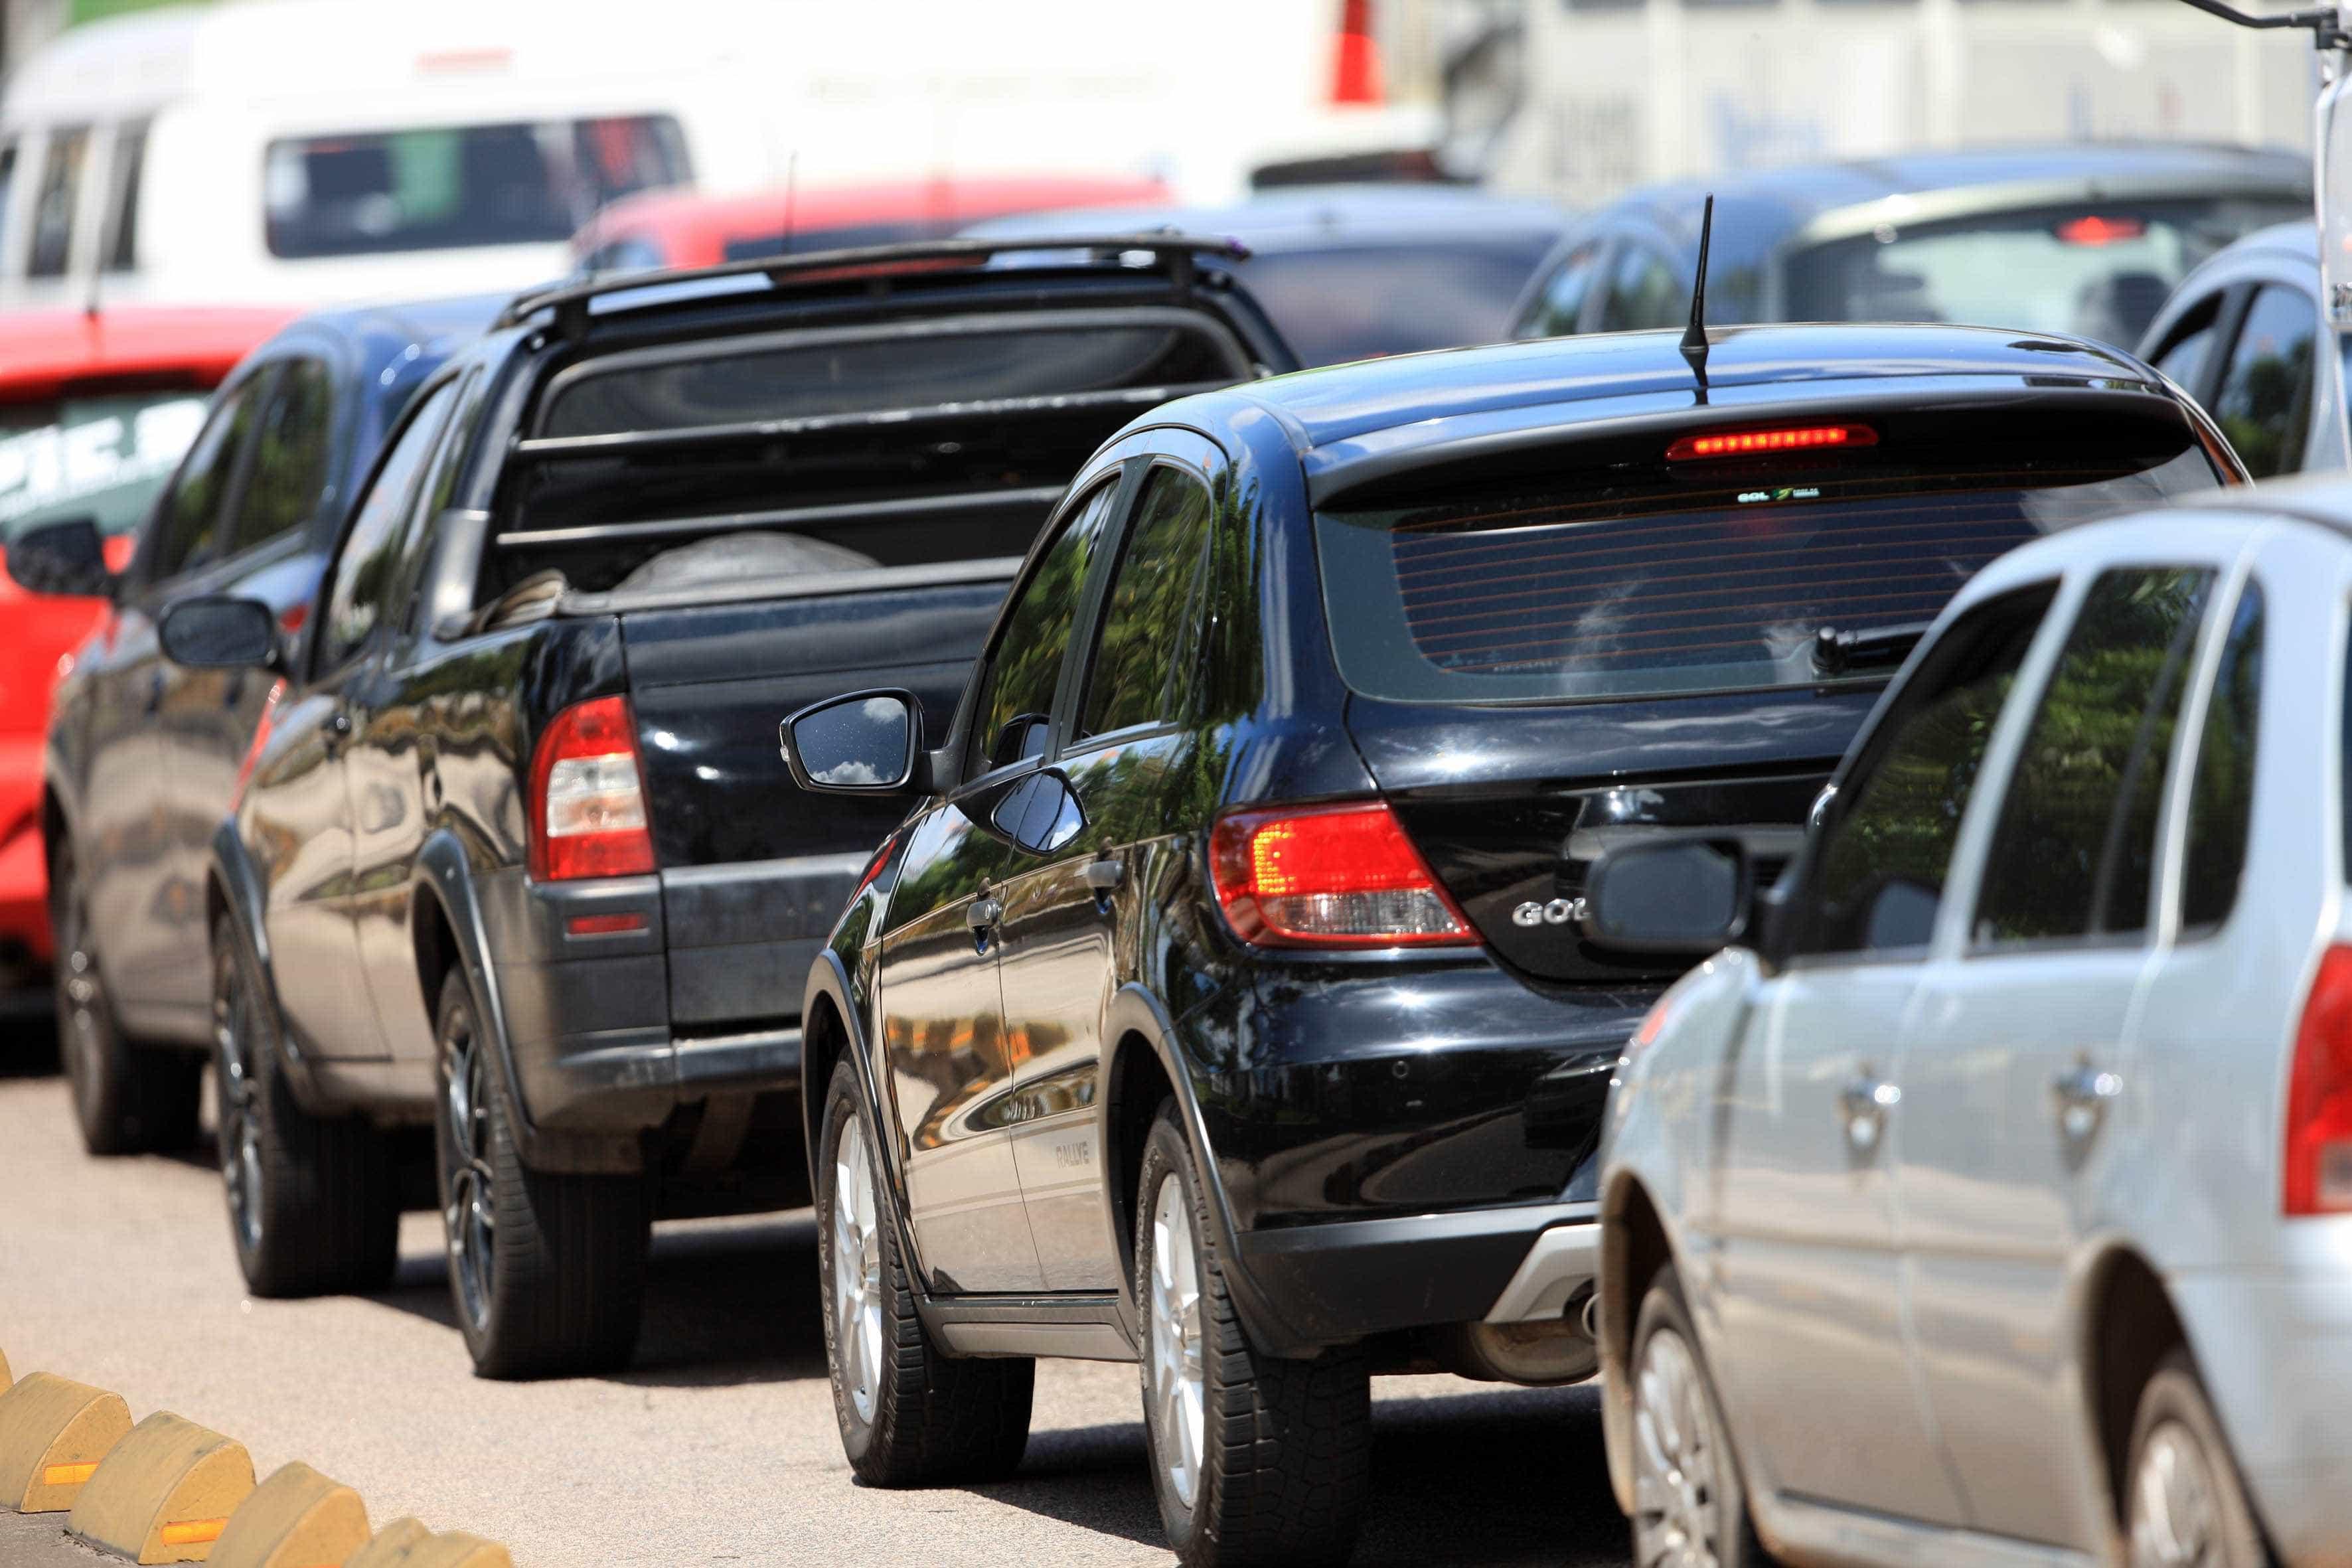 Interdição da Tamoios gera transtorno e congestionamento de 20 km